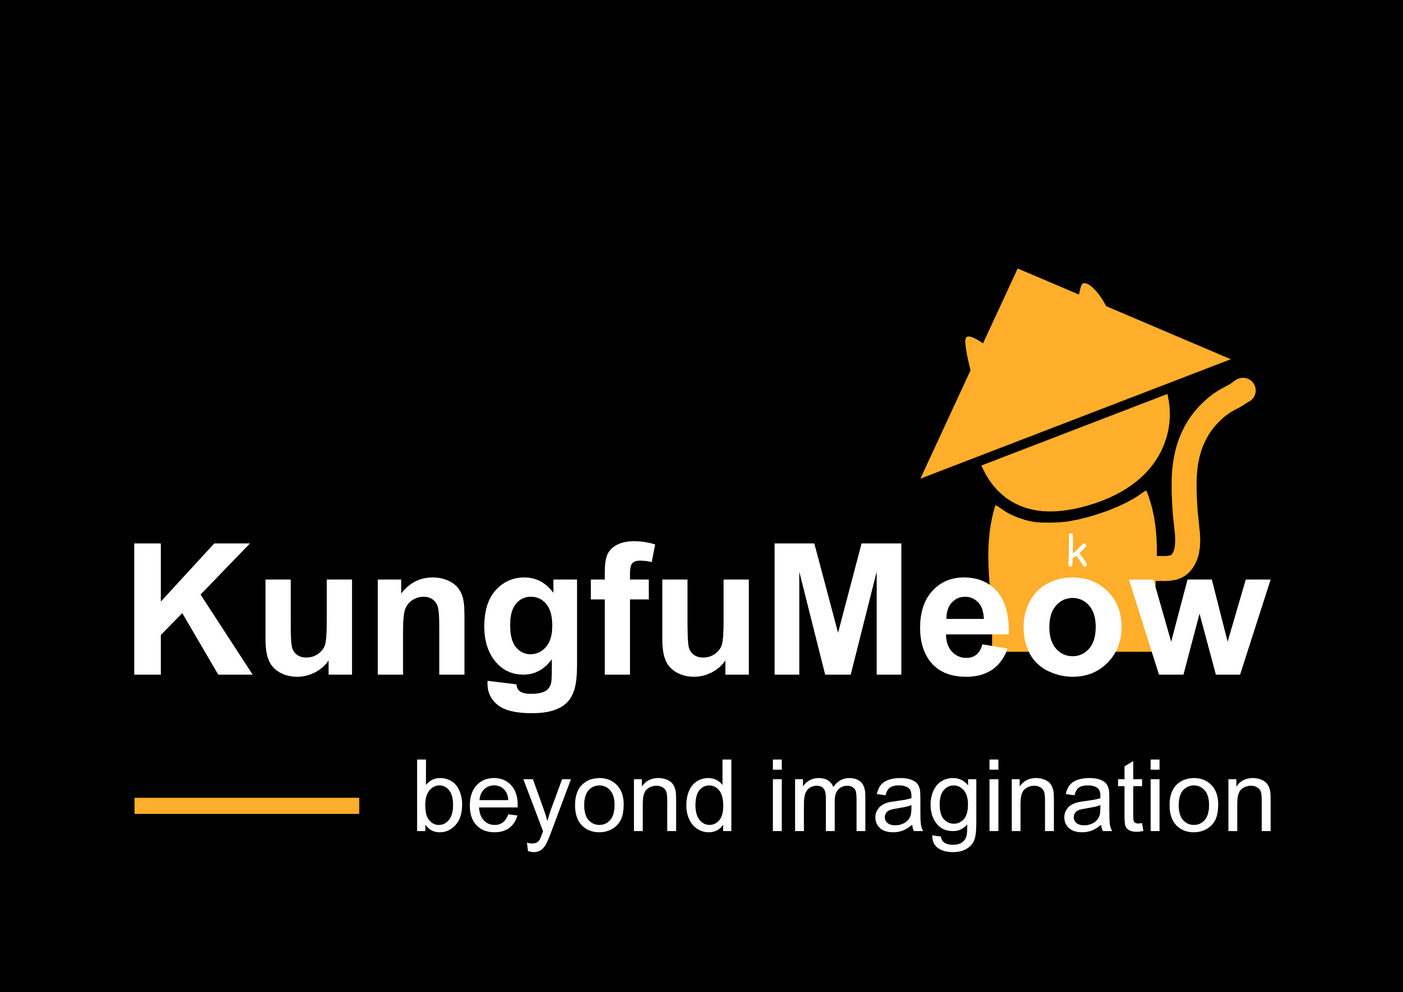 KungfuMeow Solutions